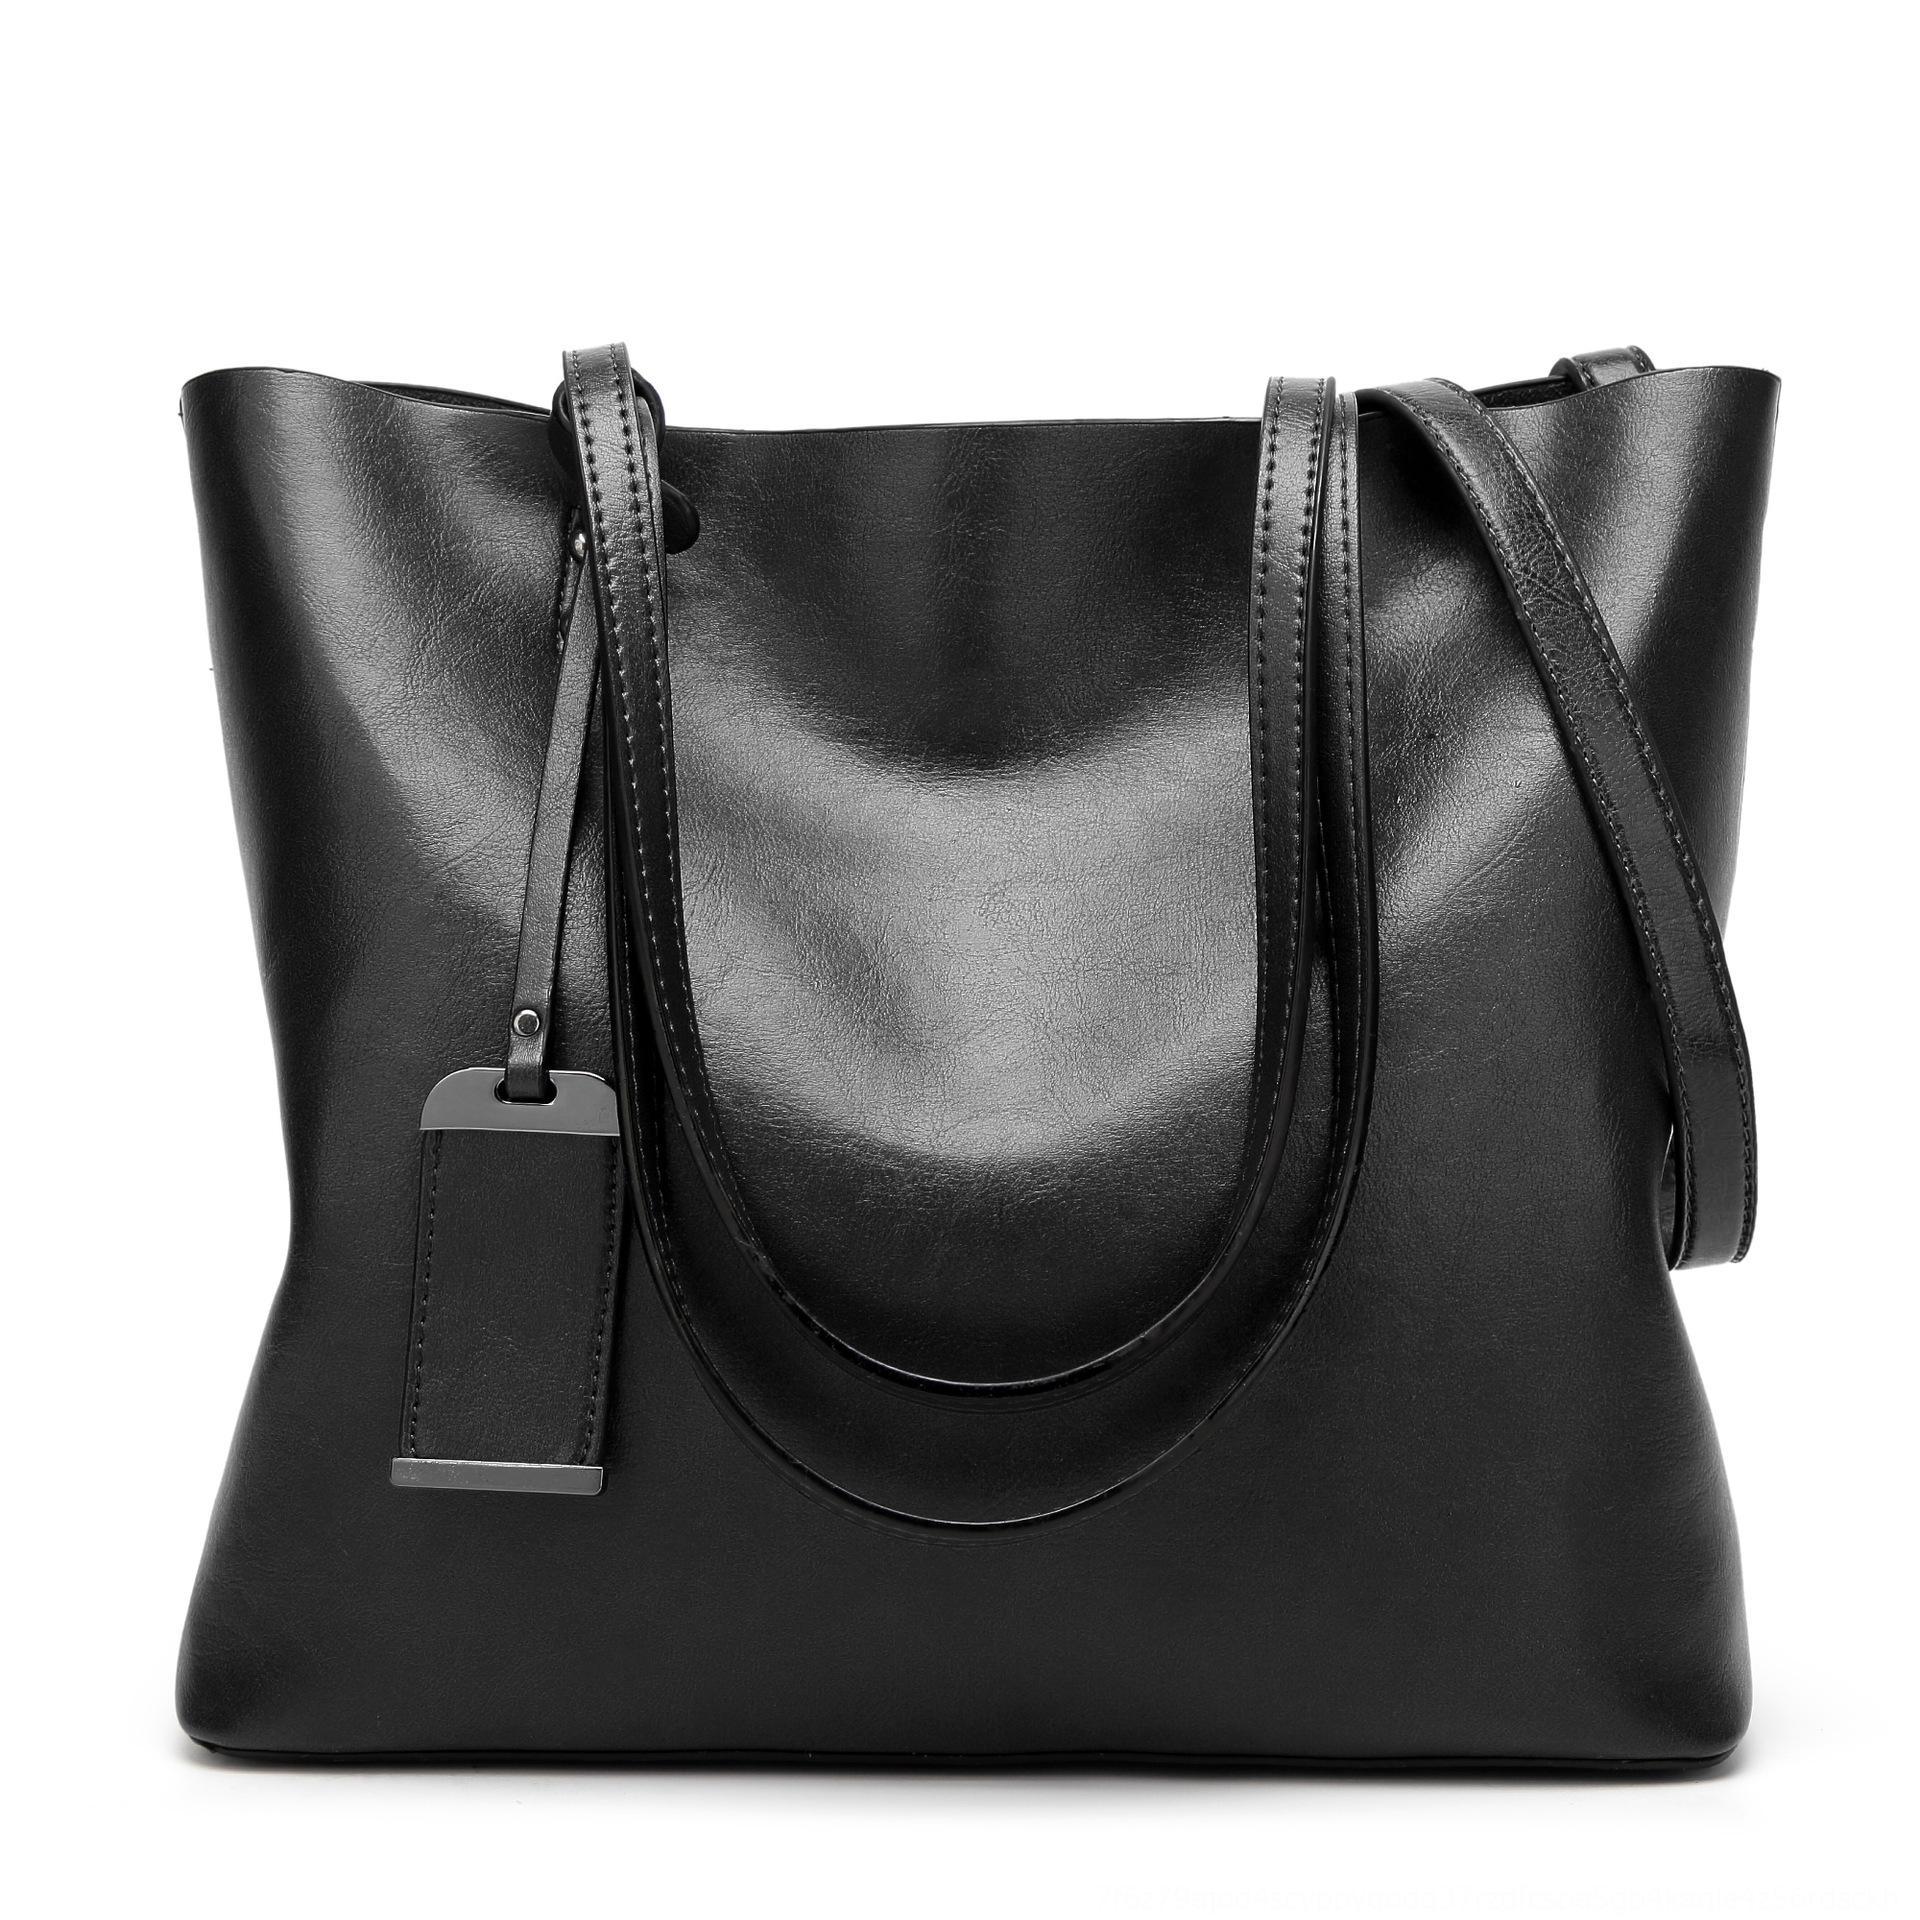 2AKJ Bag Totes Taschen Taschen Druck Frauen 2021 Luxurys Crossbody Tasche Handtaschen F Stickerei Mode Designer Ketten Schulter Brief Bague IGSD